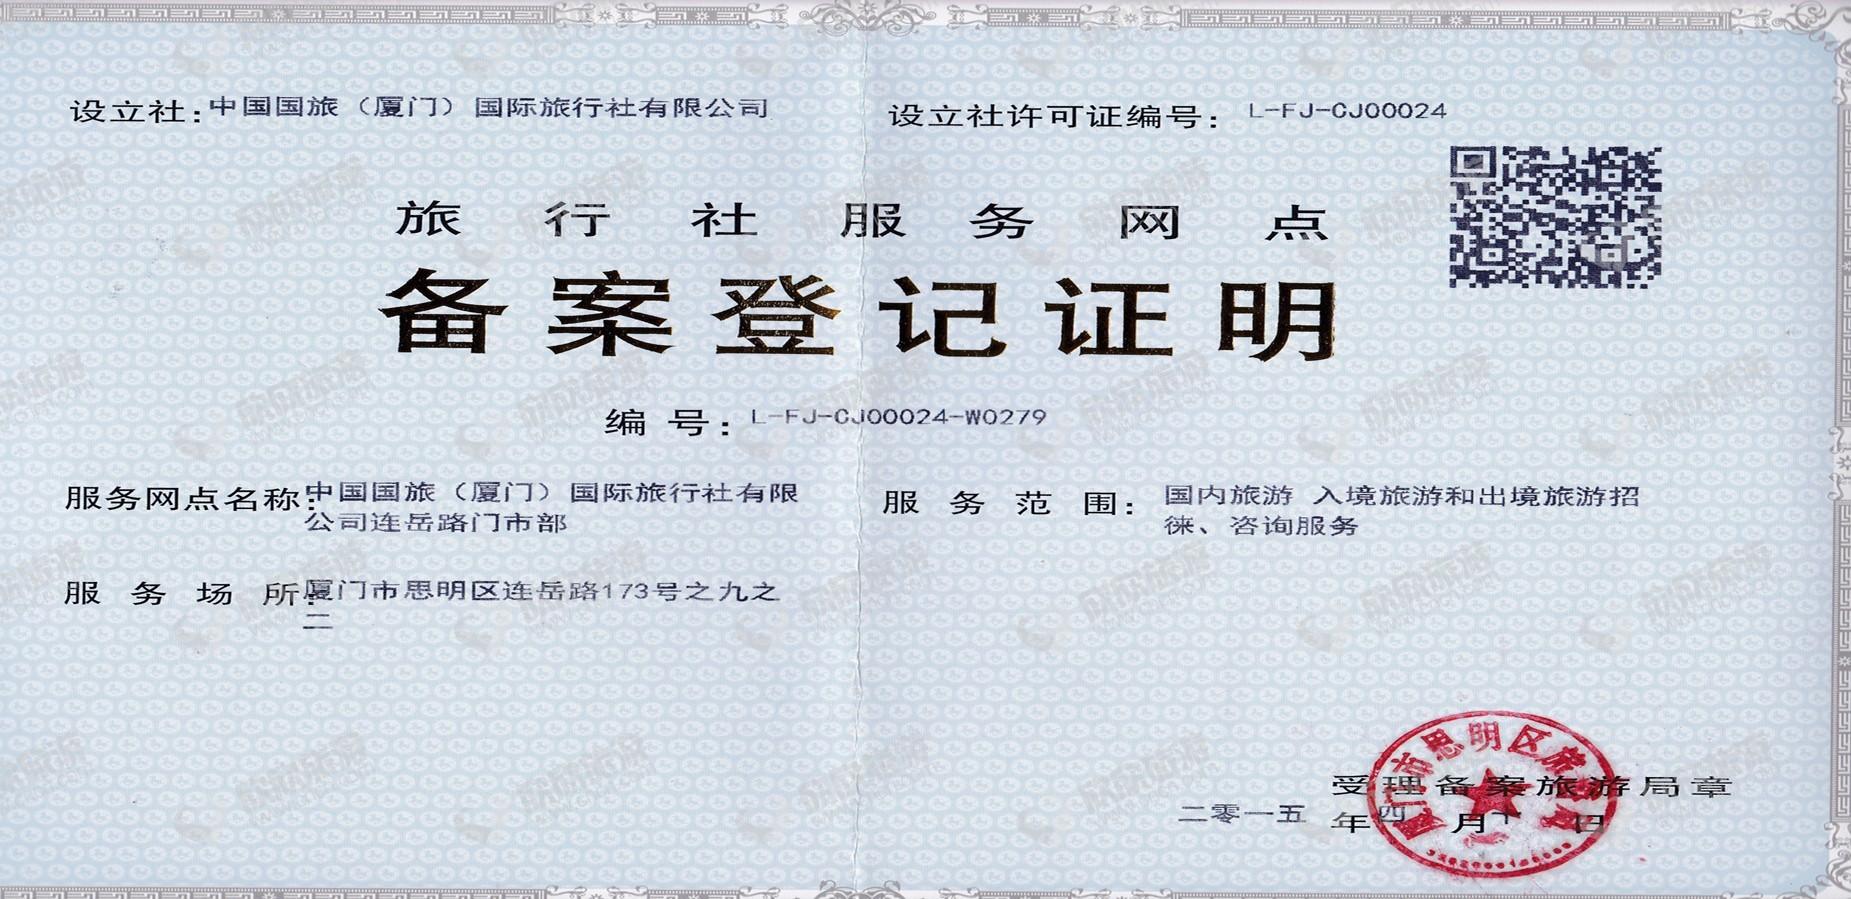 中国国旅(厦门)国际旅行社有限公司莲岳路门市部经营许可证